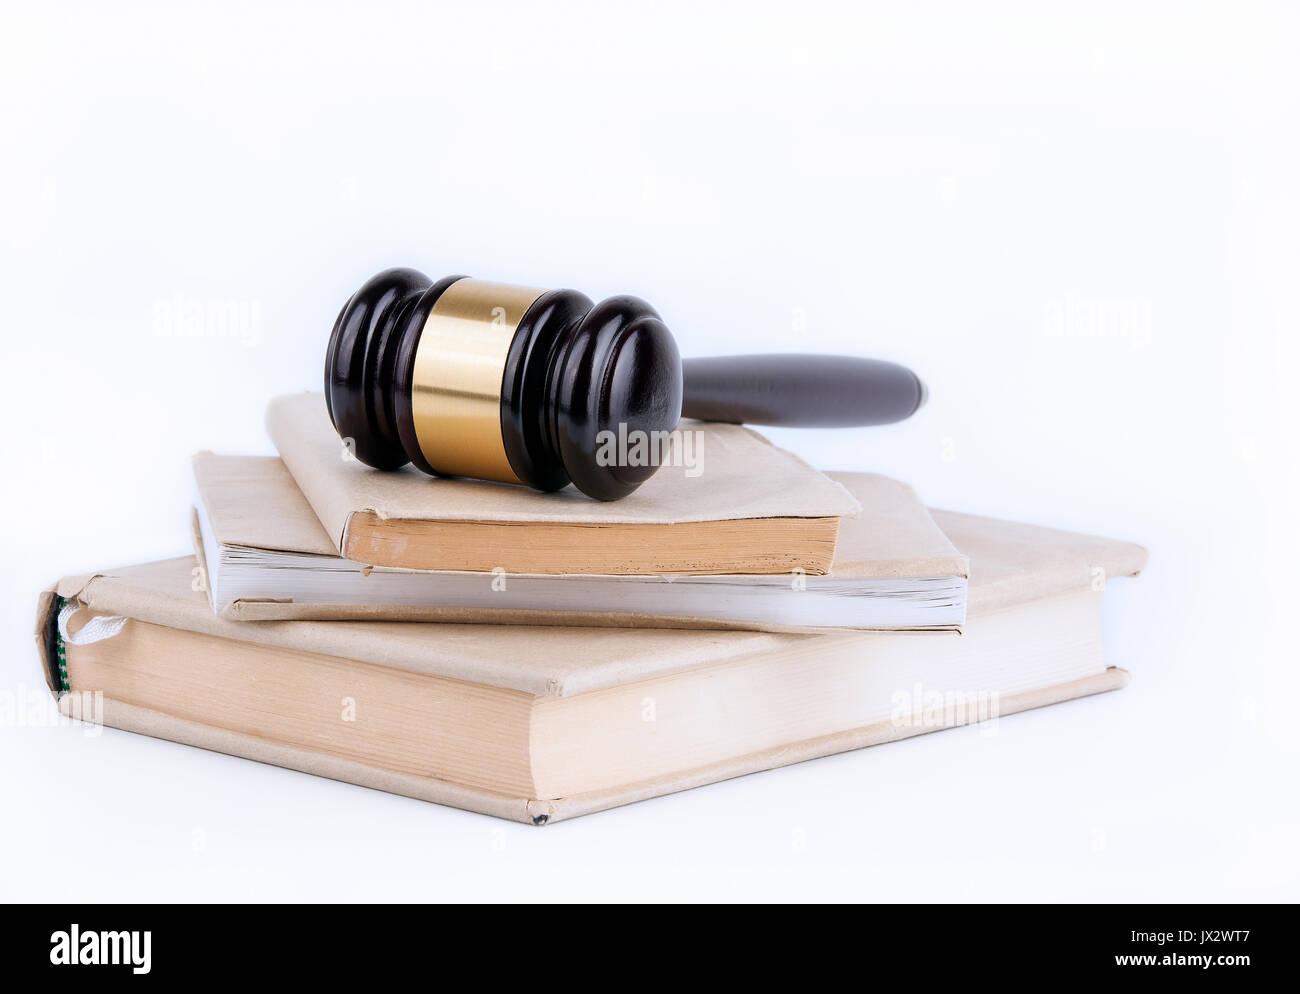 Martillo de madera y libros en segundo plano. Concepto de derecho y justicia. Foto de stock